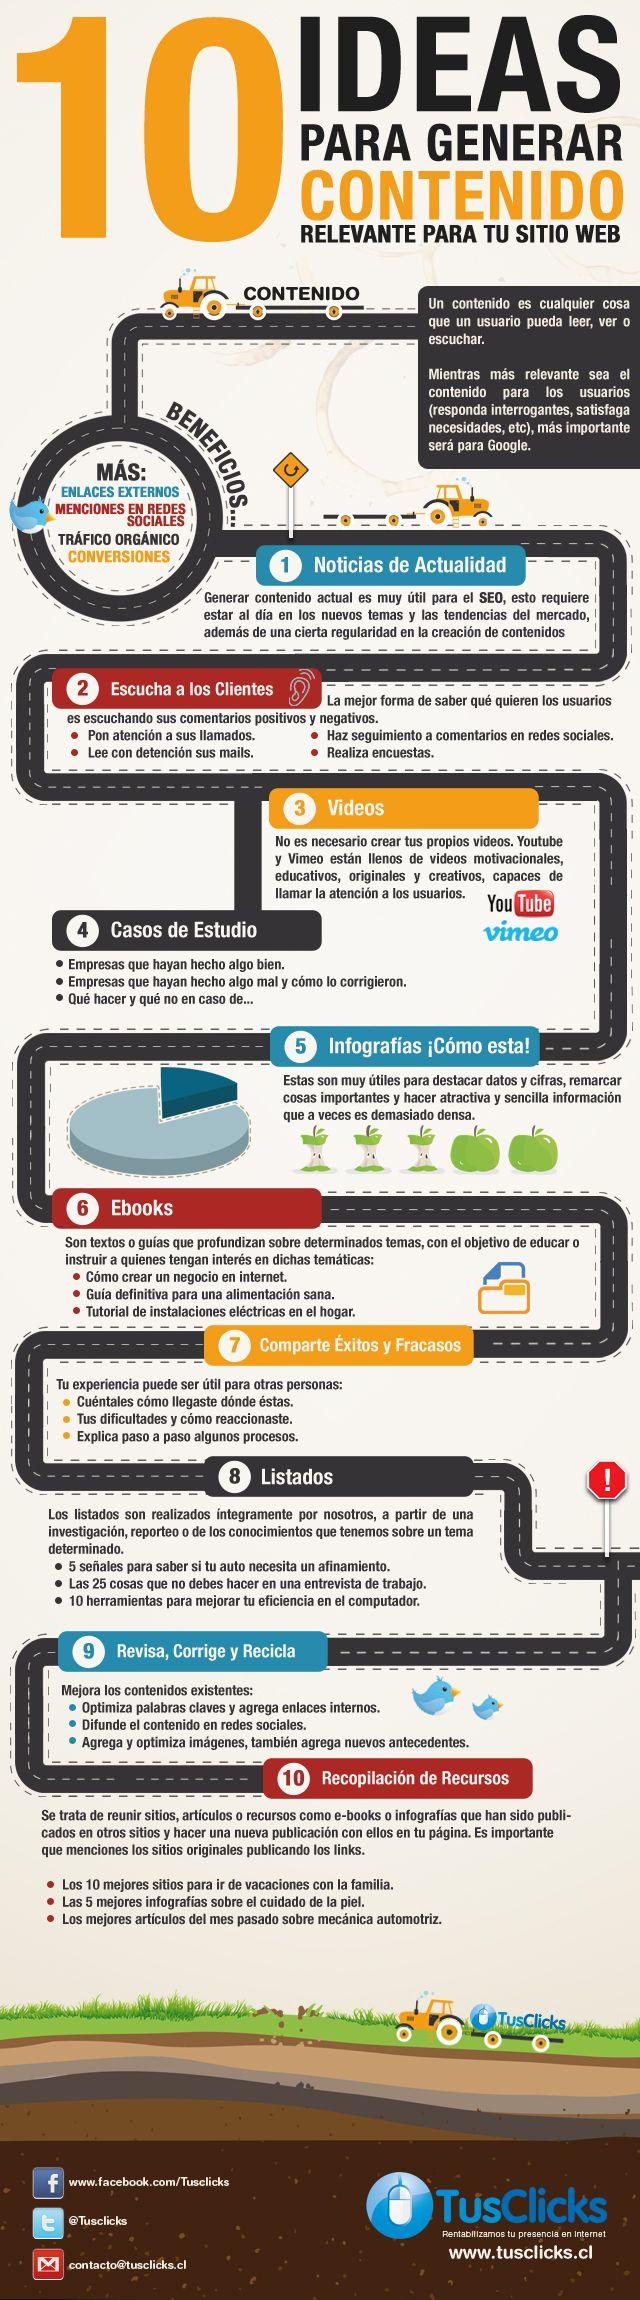 #Infografía: 10 Ideas para generar contenido relevante para tu web, ¡aplicable a blogs también!